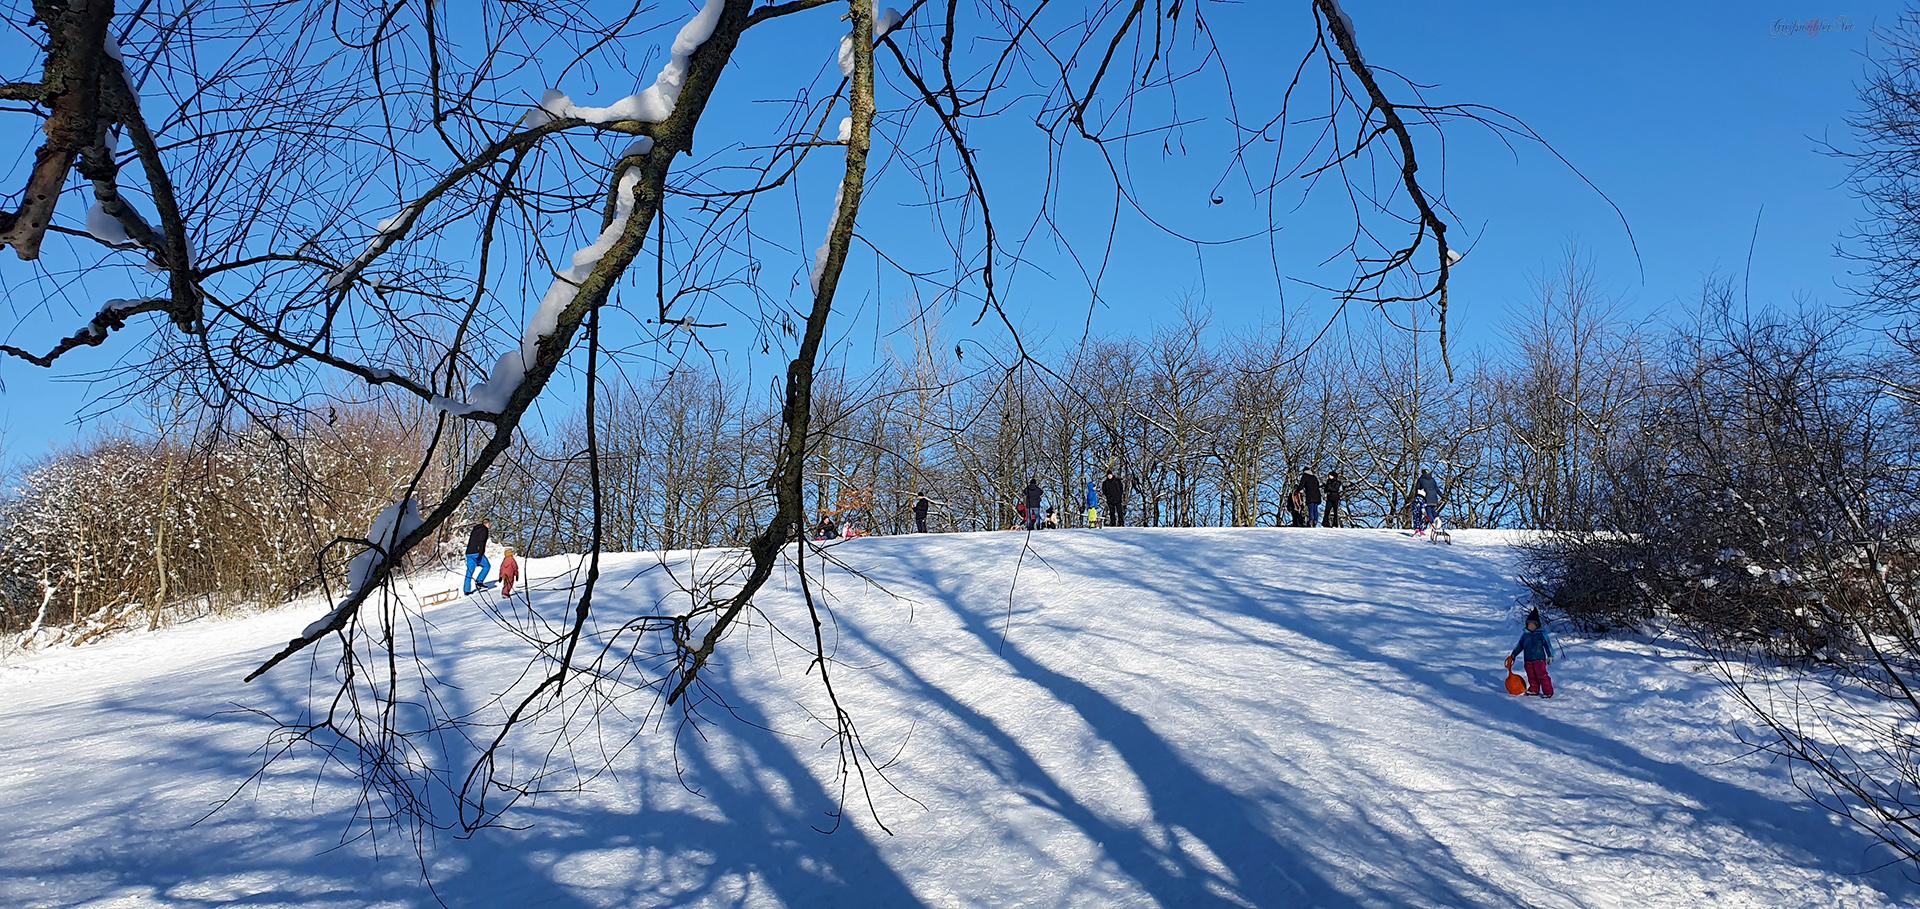 Winterspaß auf dem Rodelberg in Greifswald